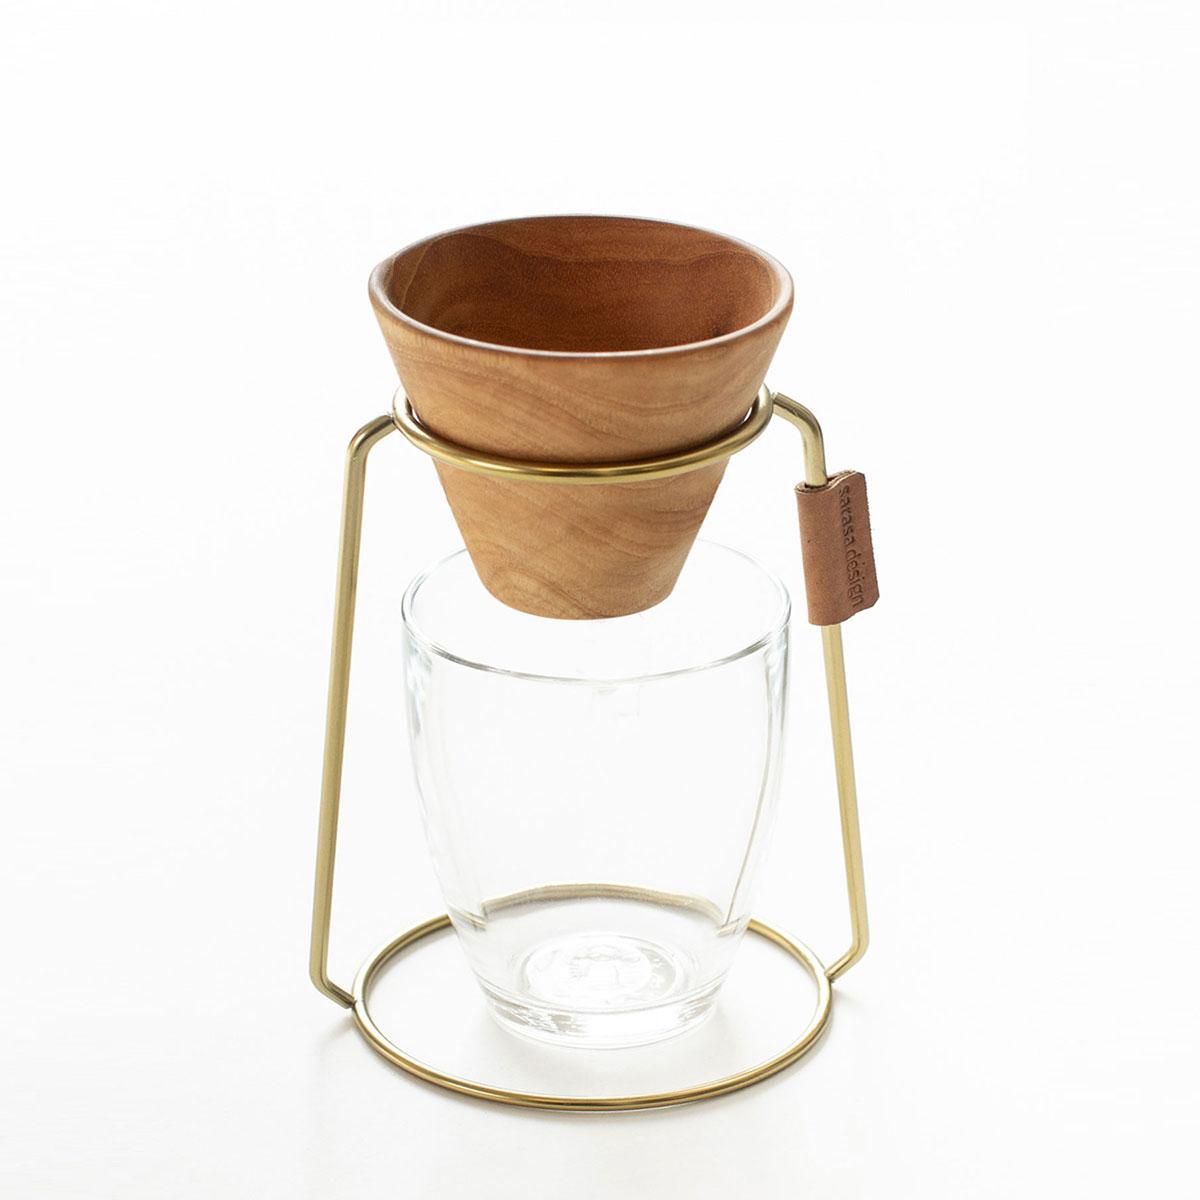 コーヒー ドリッパー 珈琲[セット販売●b2c コーヒードリッパースタンド&ドリッパーセット(チーク)]ギフト サラサデザインストア sarasa design store